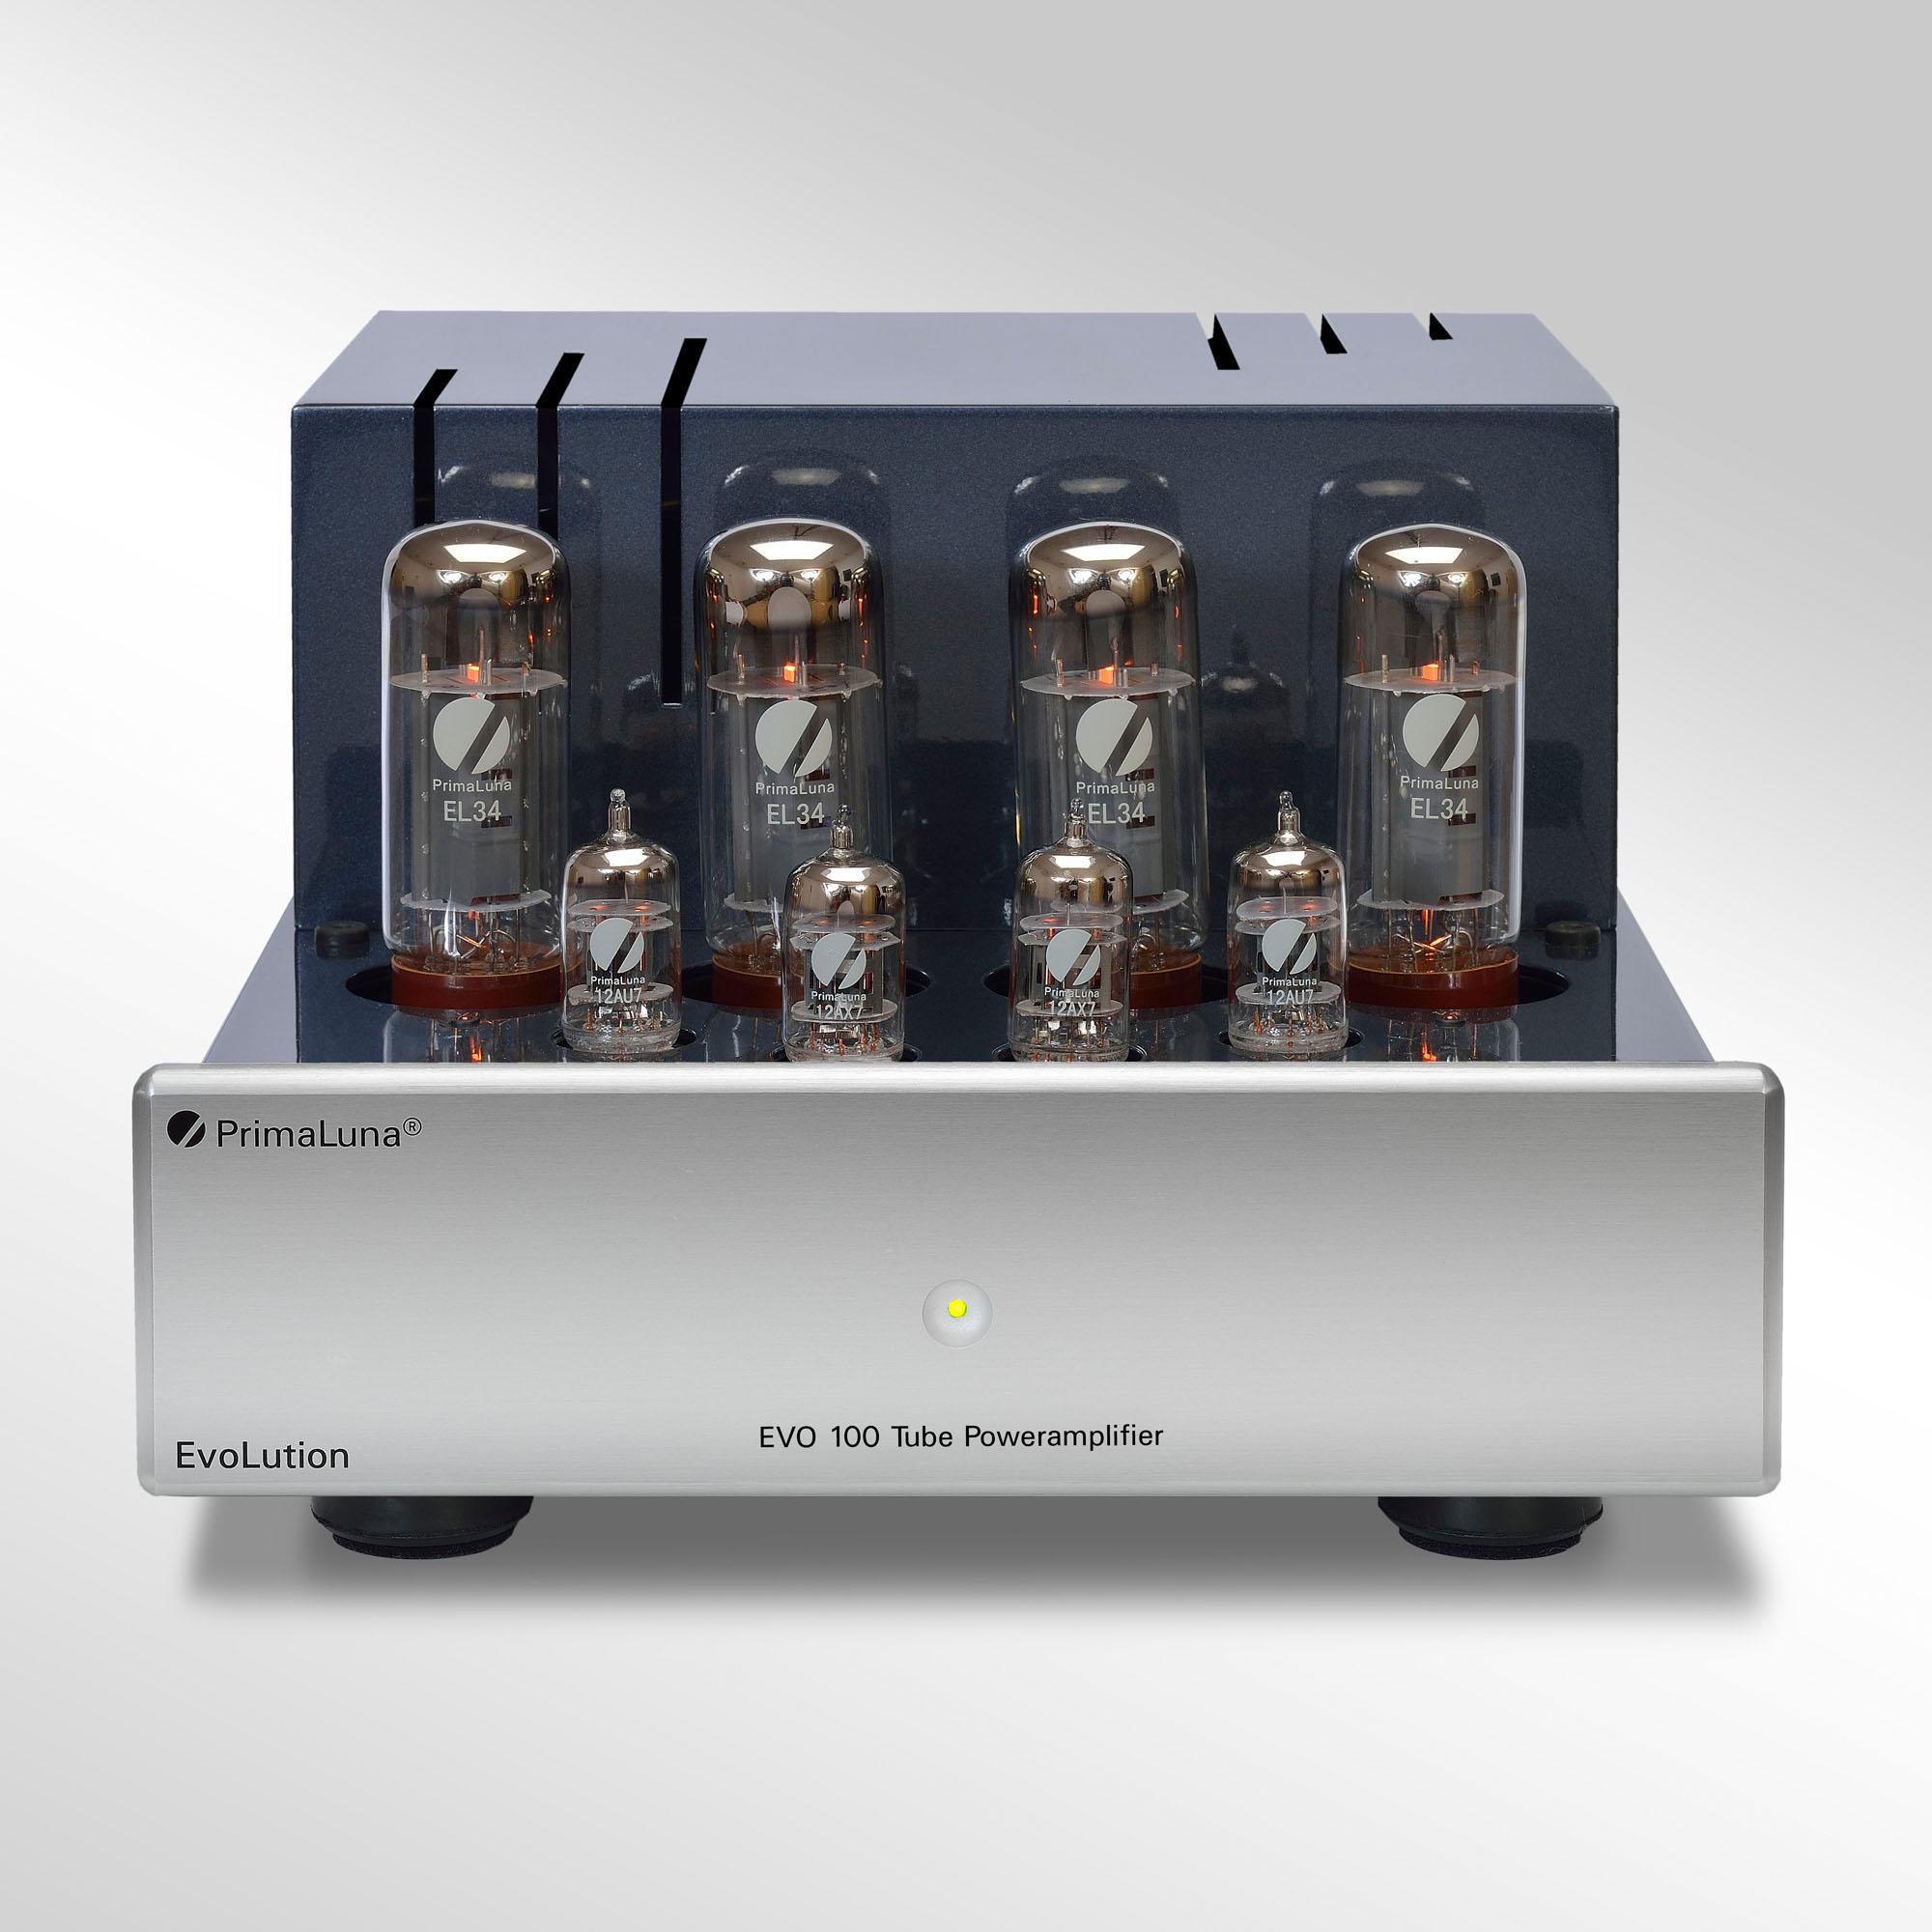 De PrimaLuna Evo 100 is de kleinste eindversterker van PrimaLuna, afkomstig uit de Evolution 100 serie